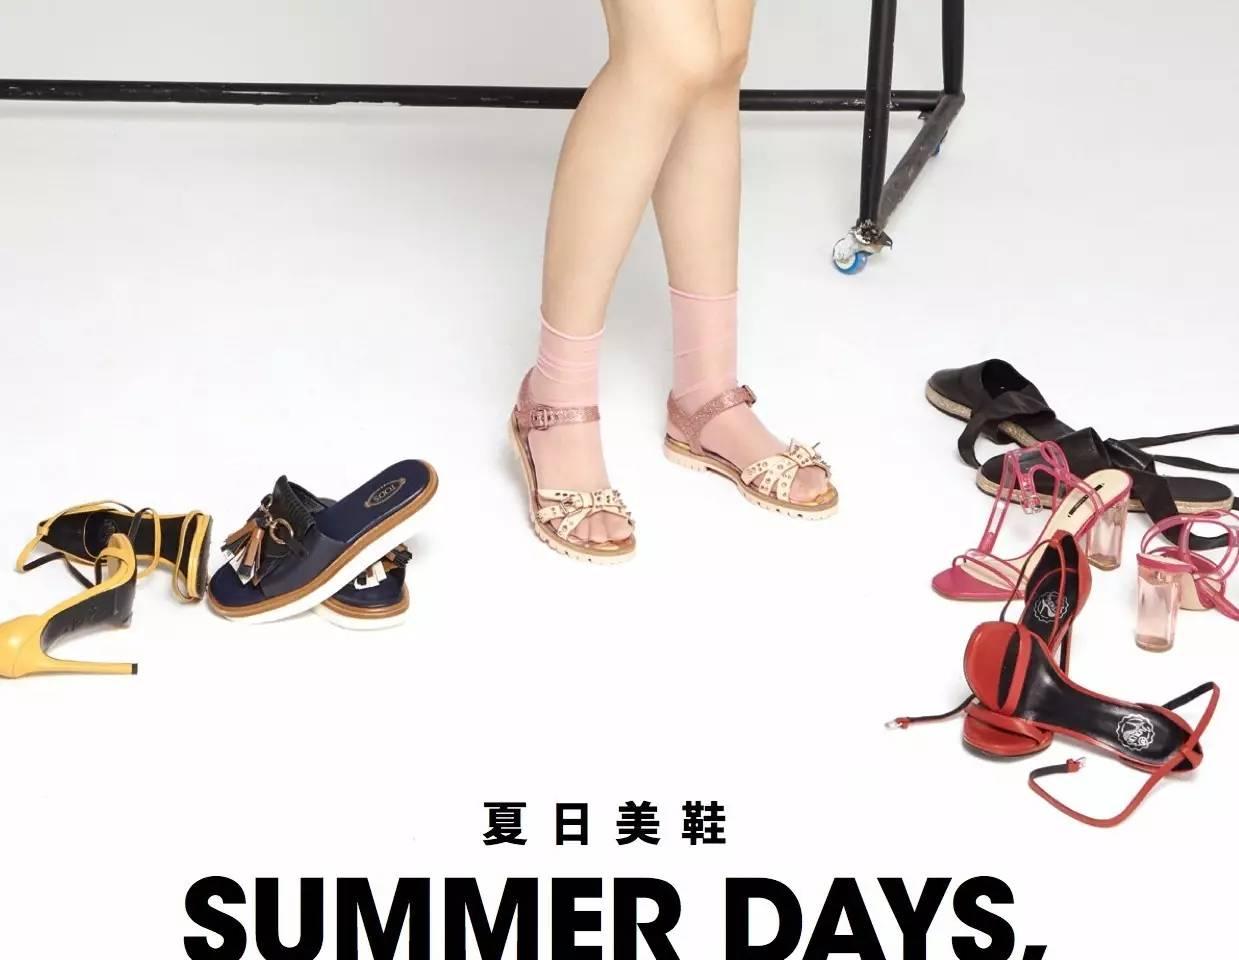 夏日即将过去,再不穿这些美鞋就晚了!